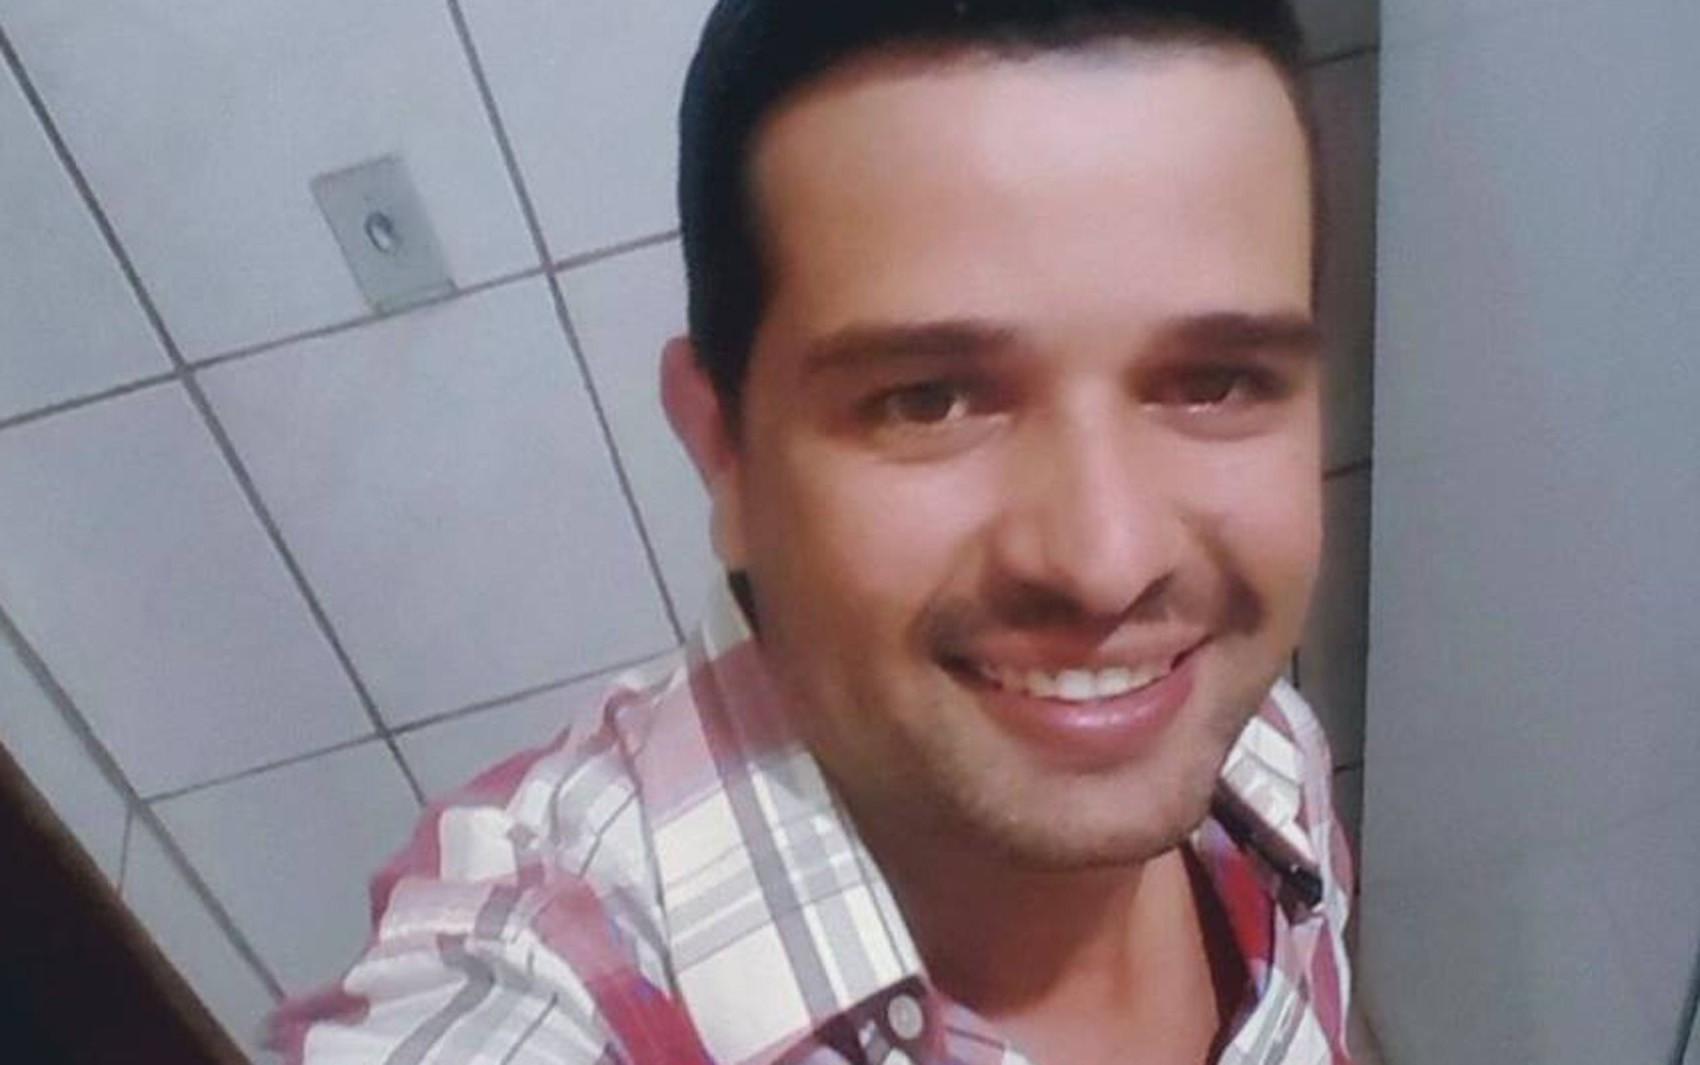 Homem que tentou matar a ex por fim de namoro é condenado a 16 anos de prisão em Barretos, SP - Notícias - Plantão Diário